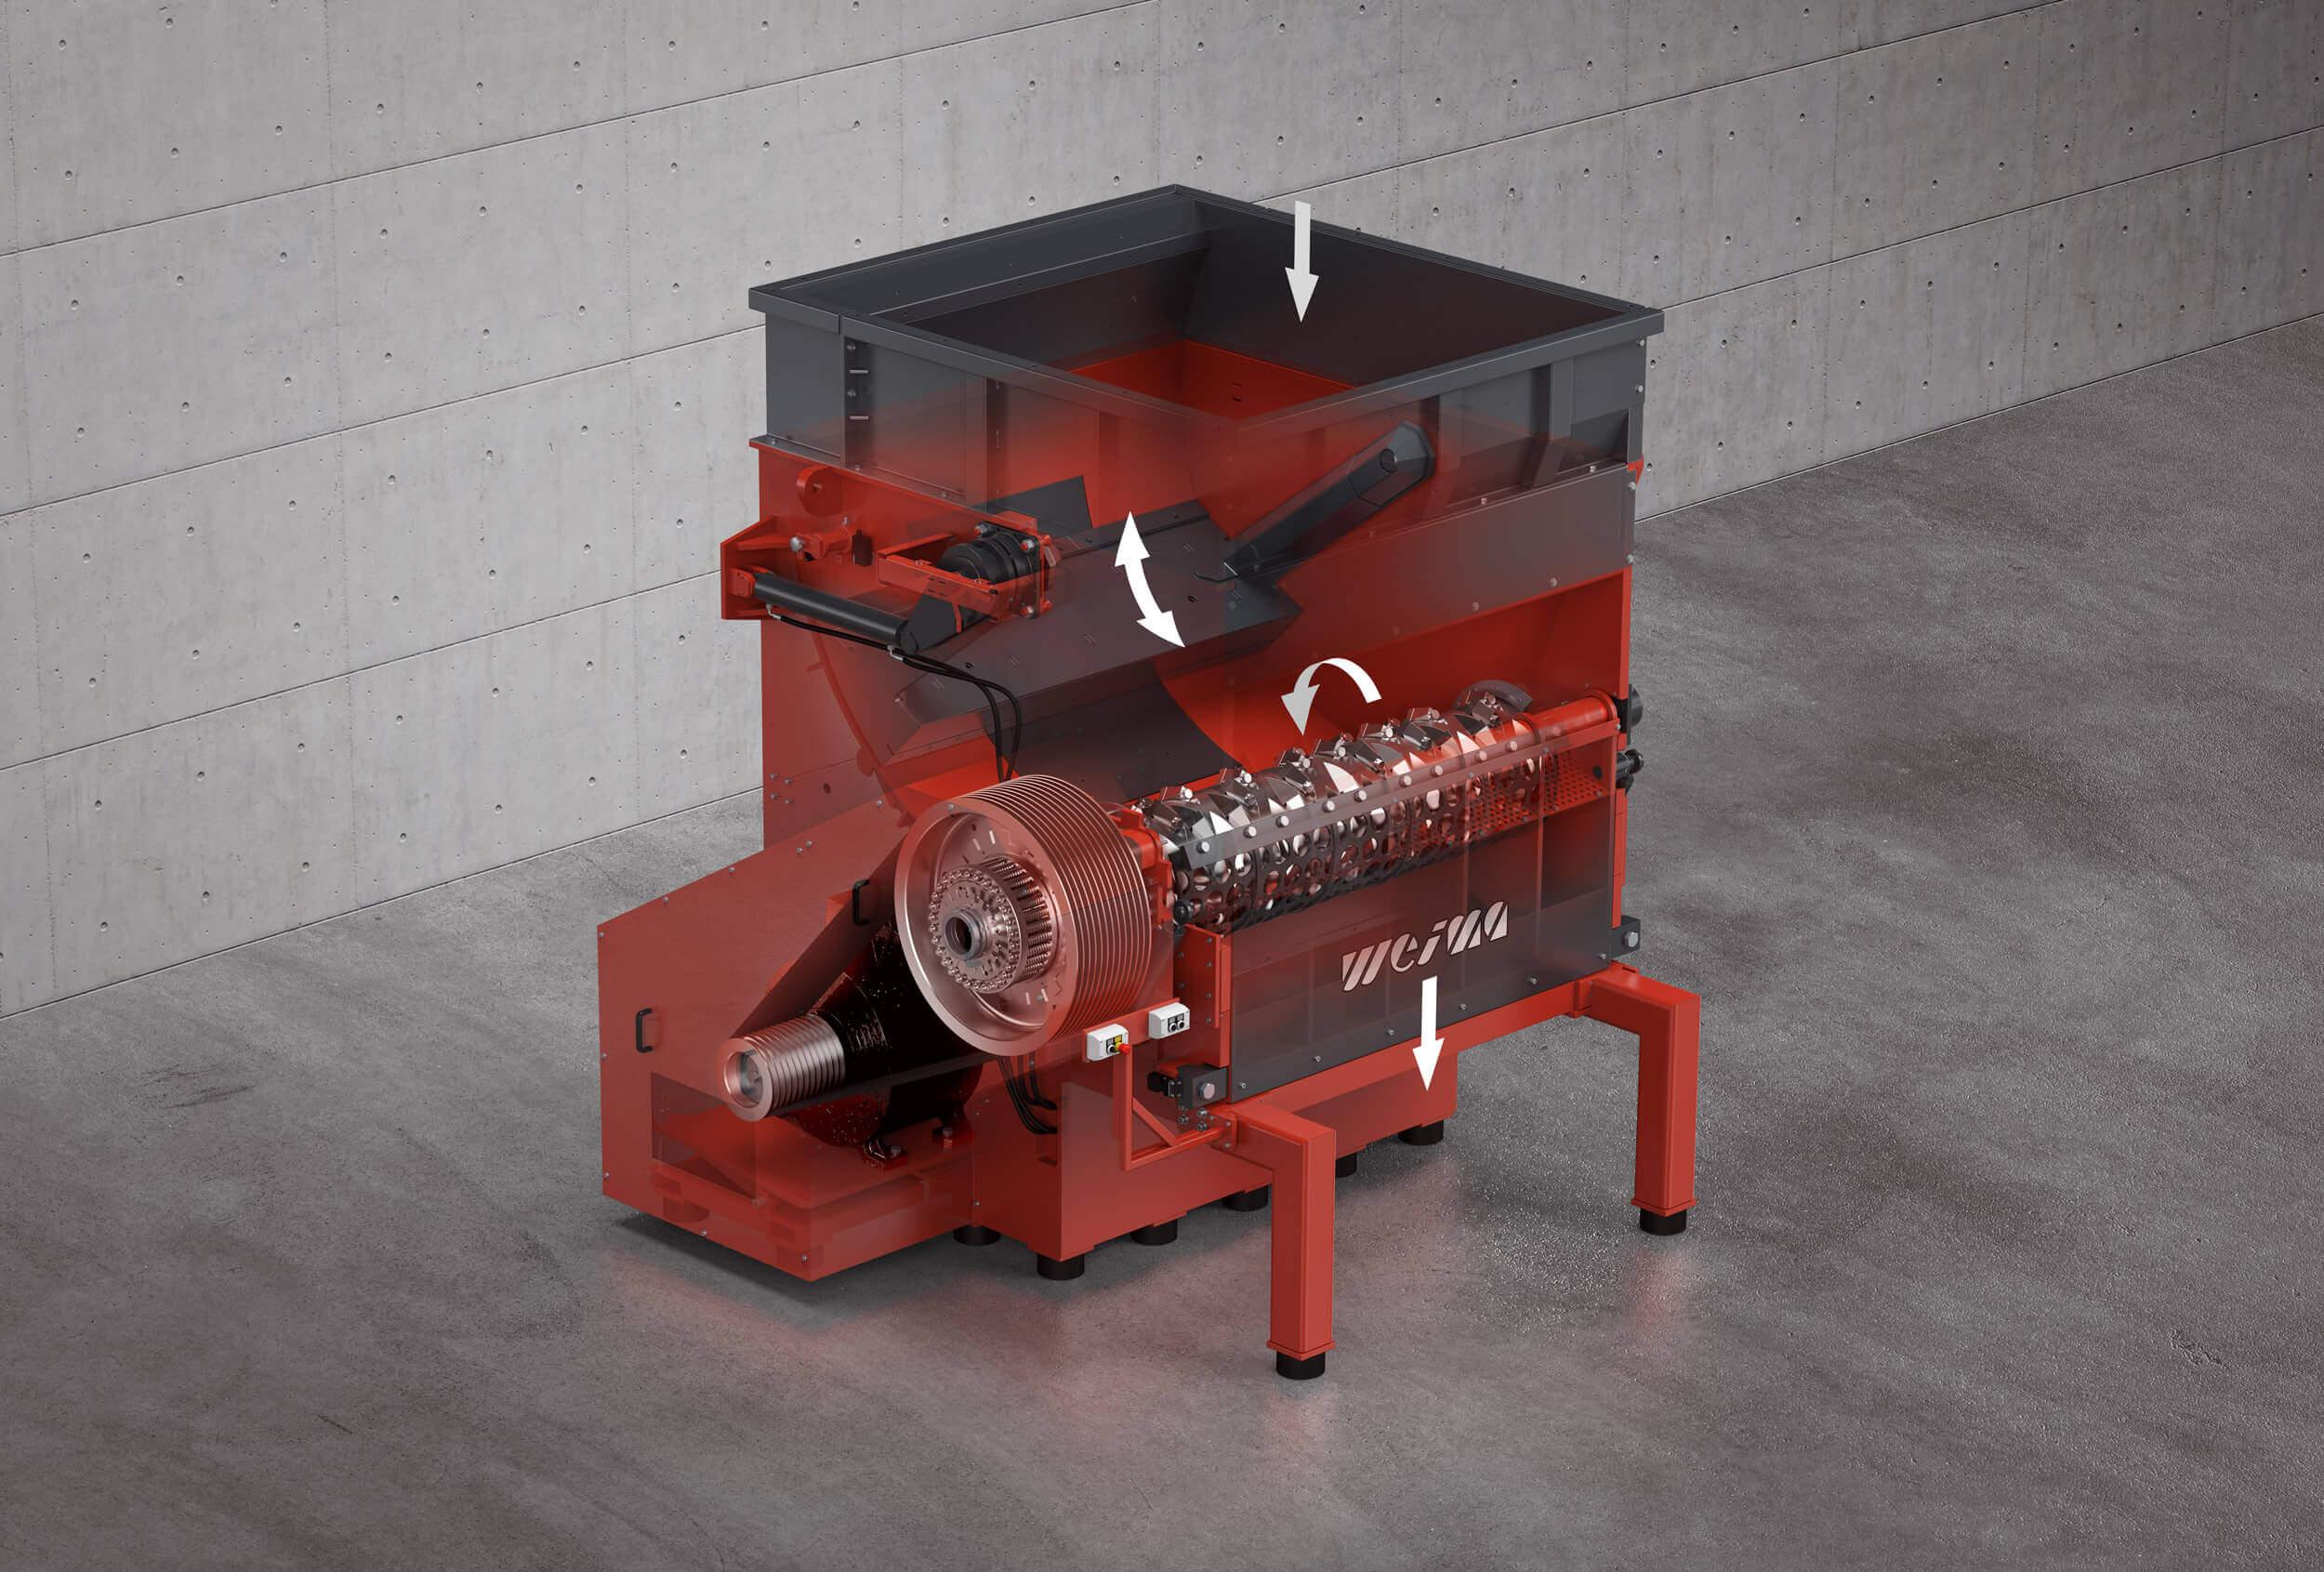 Gerendertes Bild des Einwellenzerkleinerers WEIMA WKS 1800 mit Röntgenansicht der Maschinenkomponenten